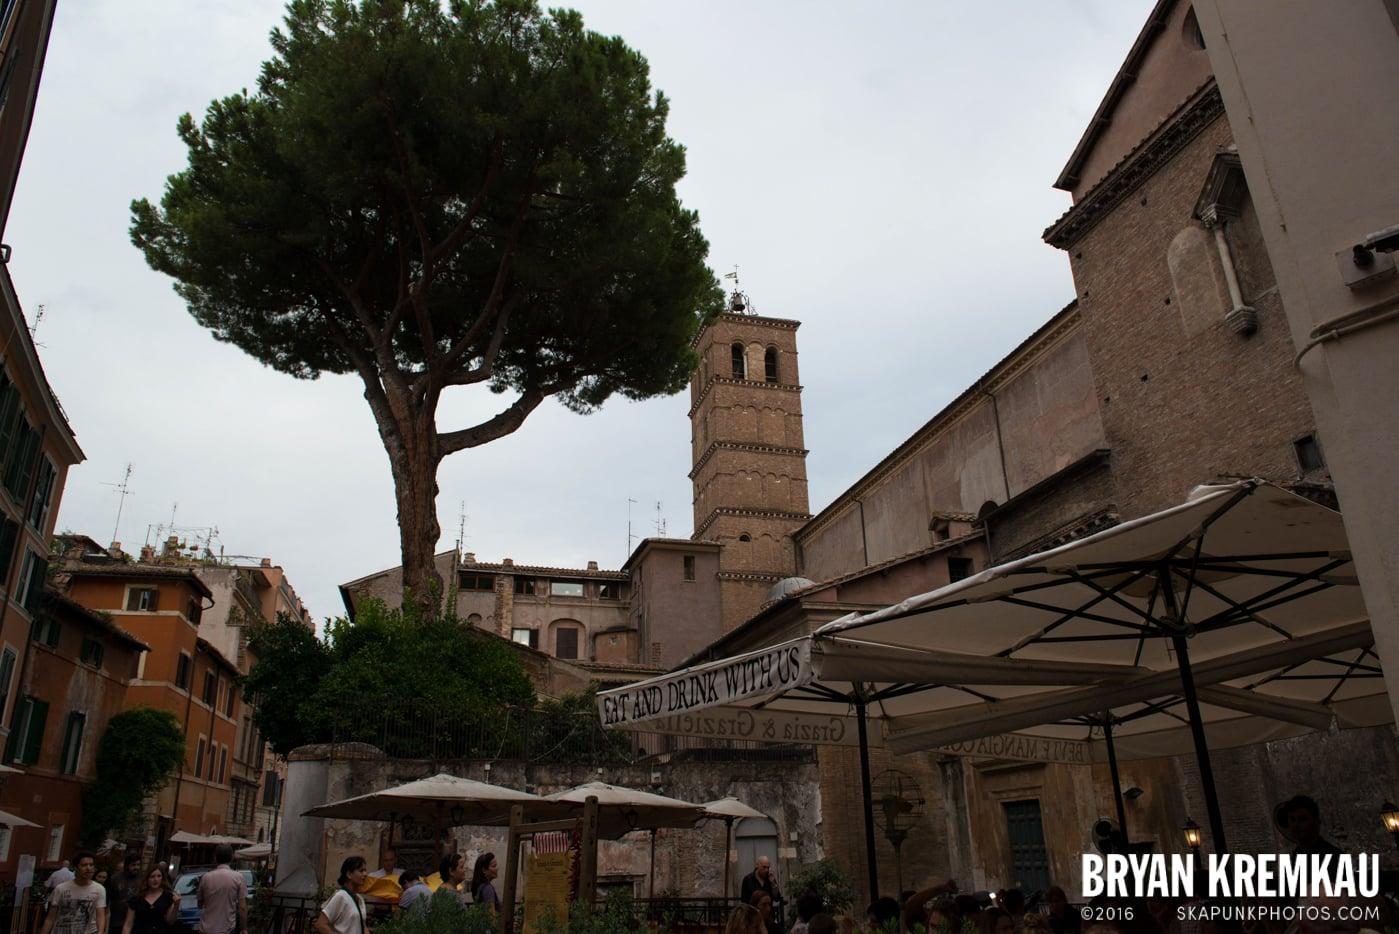 Italy Vacation - Day 2: Rome - 9.10.13 (26)